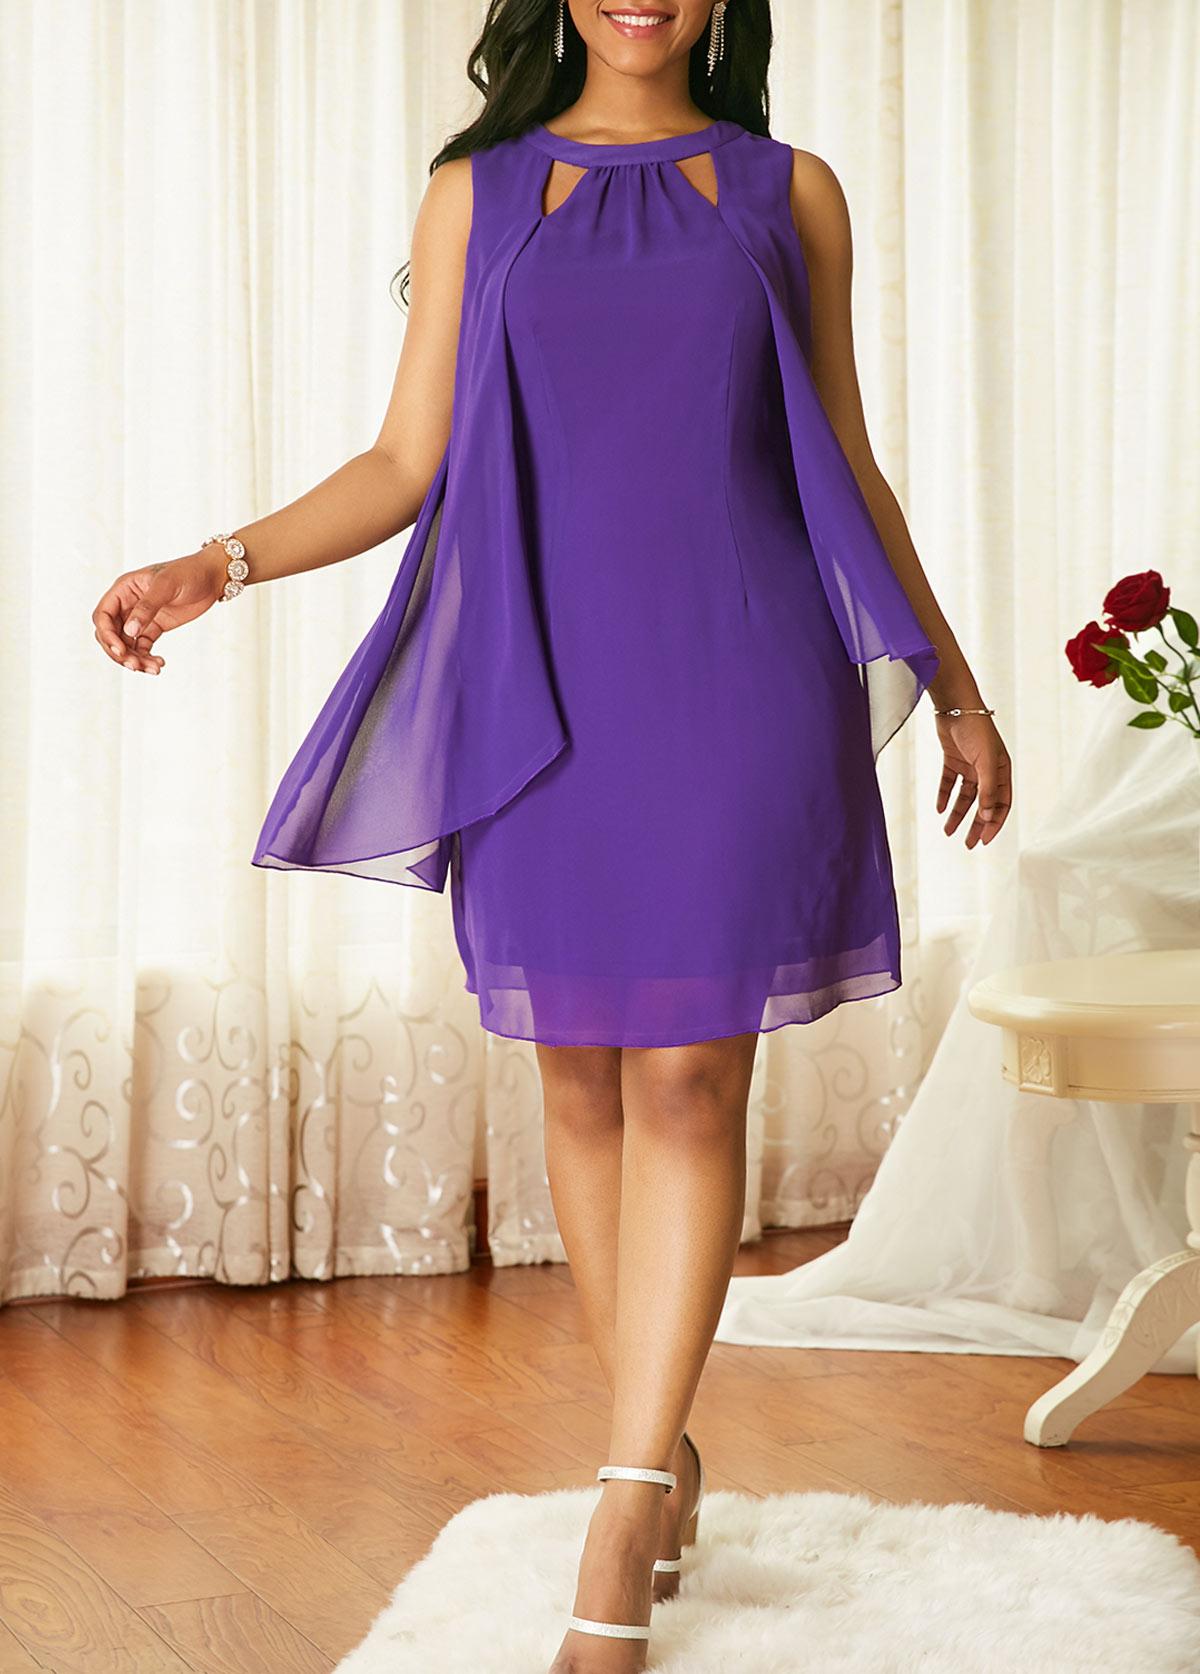 Cutout Front Sleeveless Chiffon Overlay Dress